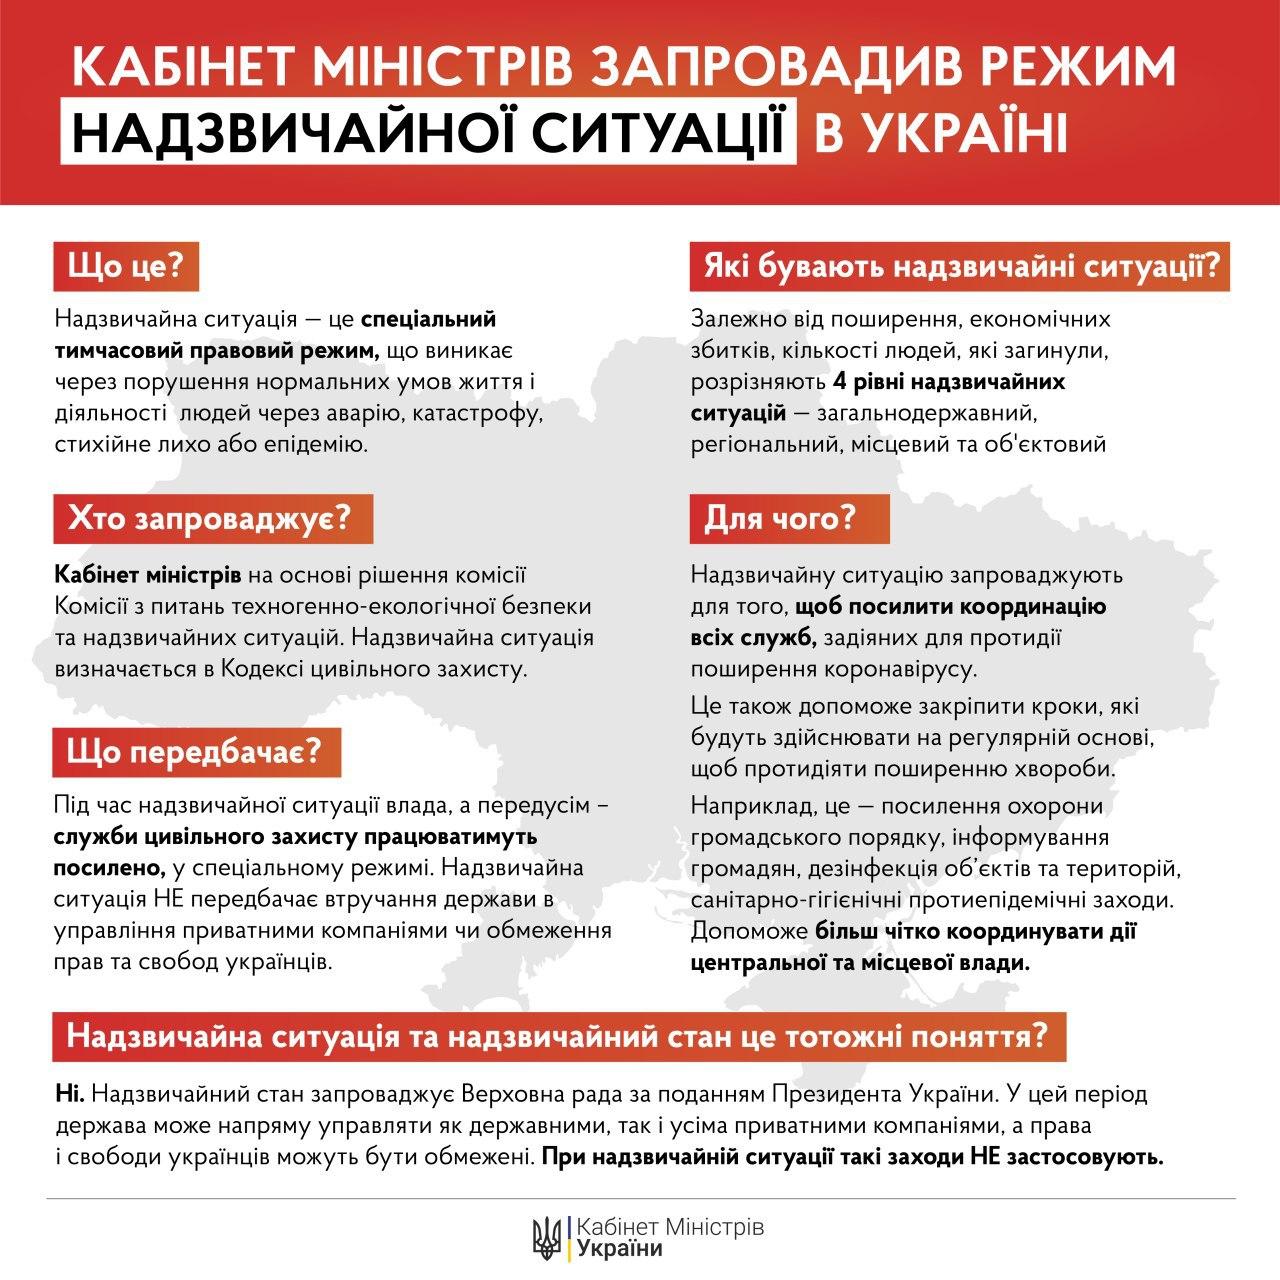 В Украине введена чрезвычайная ситуация (Фото: Кабмин)